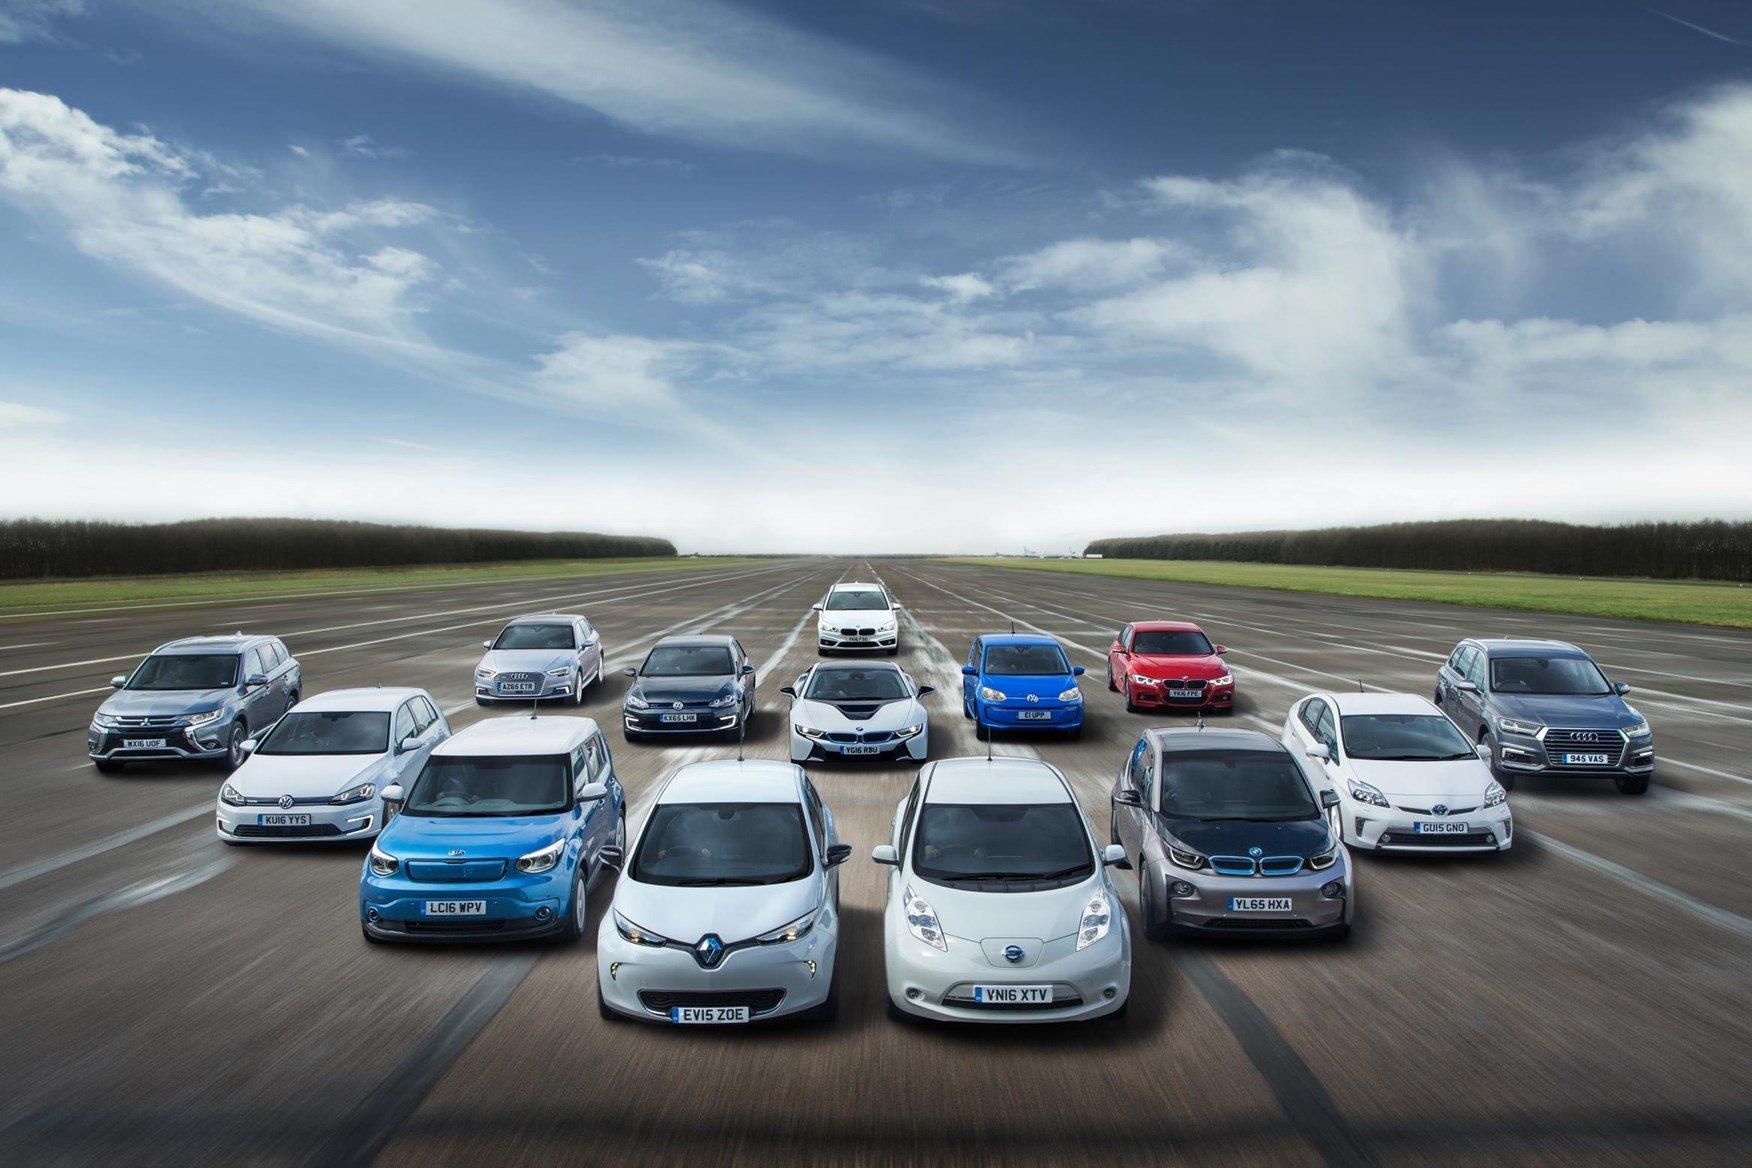 Quel serait le principal frein à l'achat d'une voiture électrique selon vous?